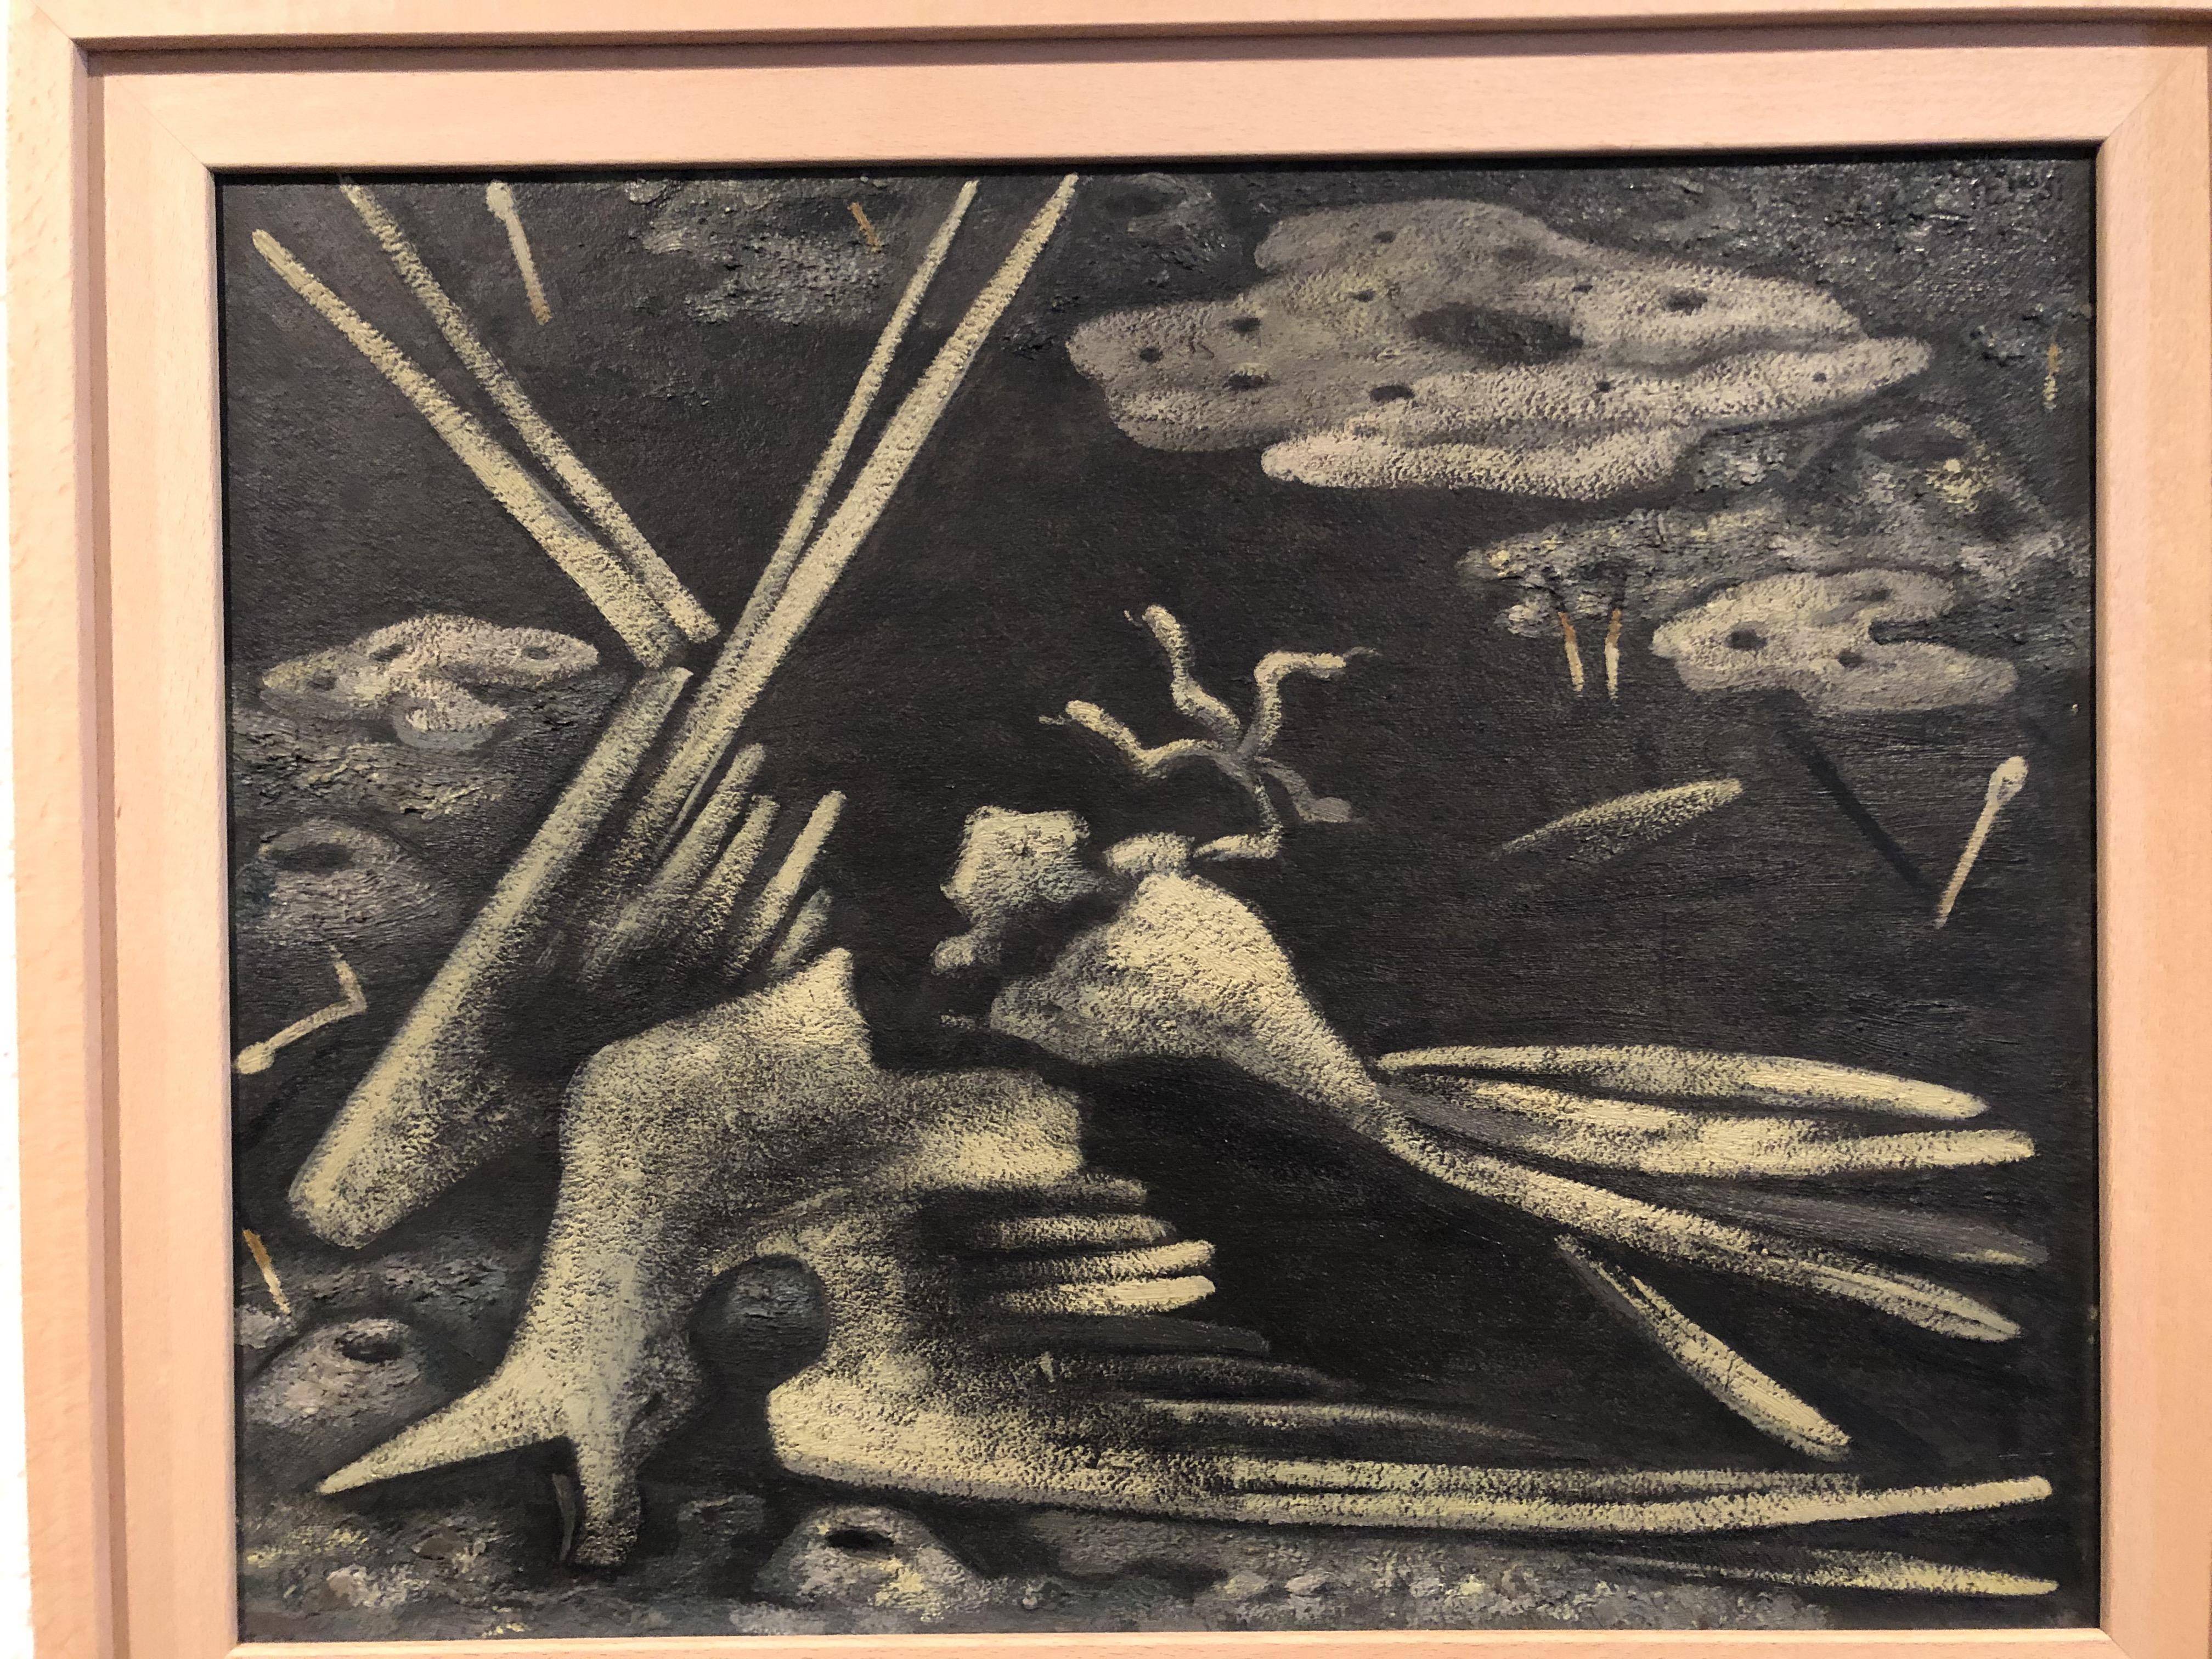 Maruja Mallo. Grajo y excrementos. 1931